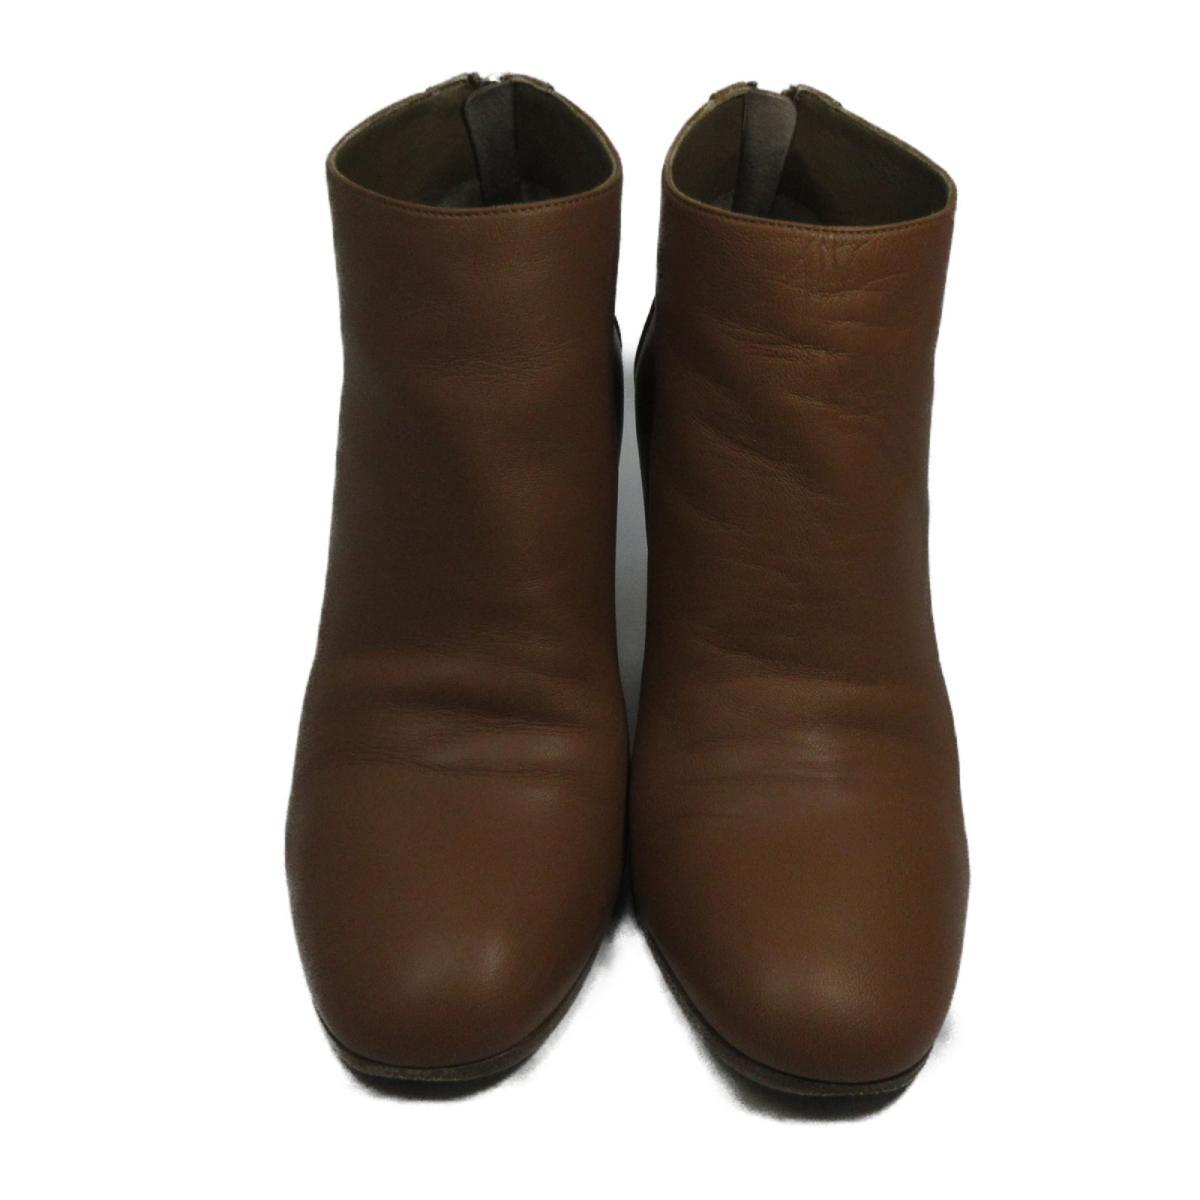 【中古】 エルメス ショートブーツ レディース レザー ウッド ブラウン   HERMES くつ 靴 ショートブーツ 美品 ブランドオフ